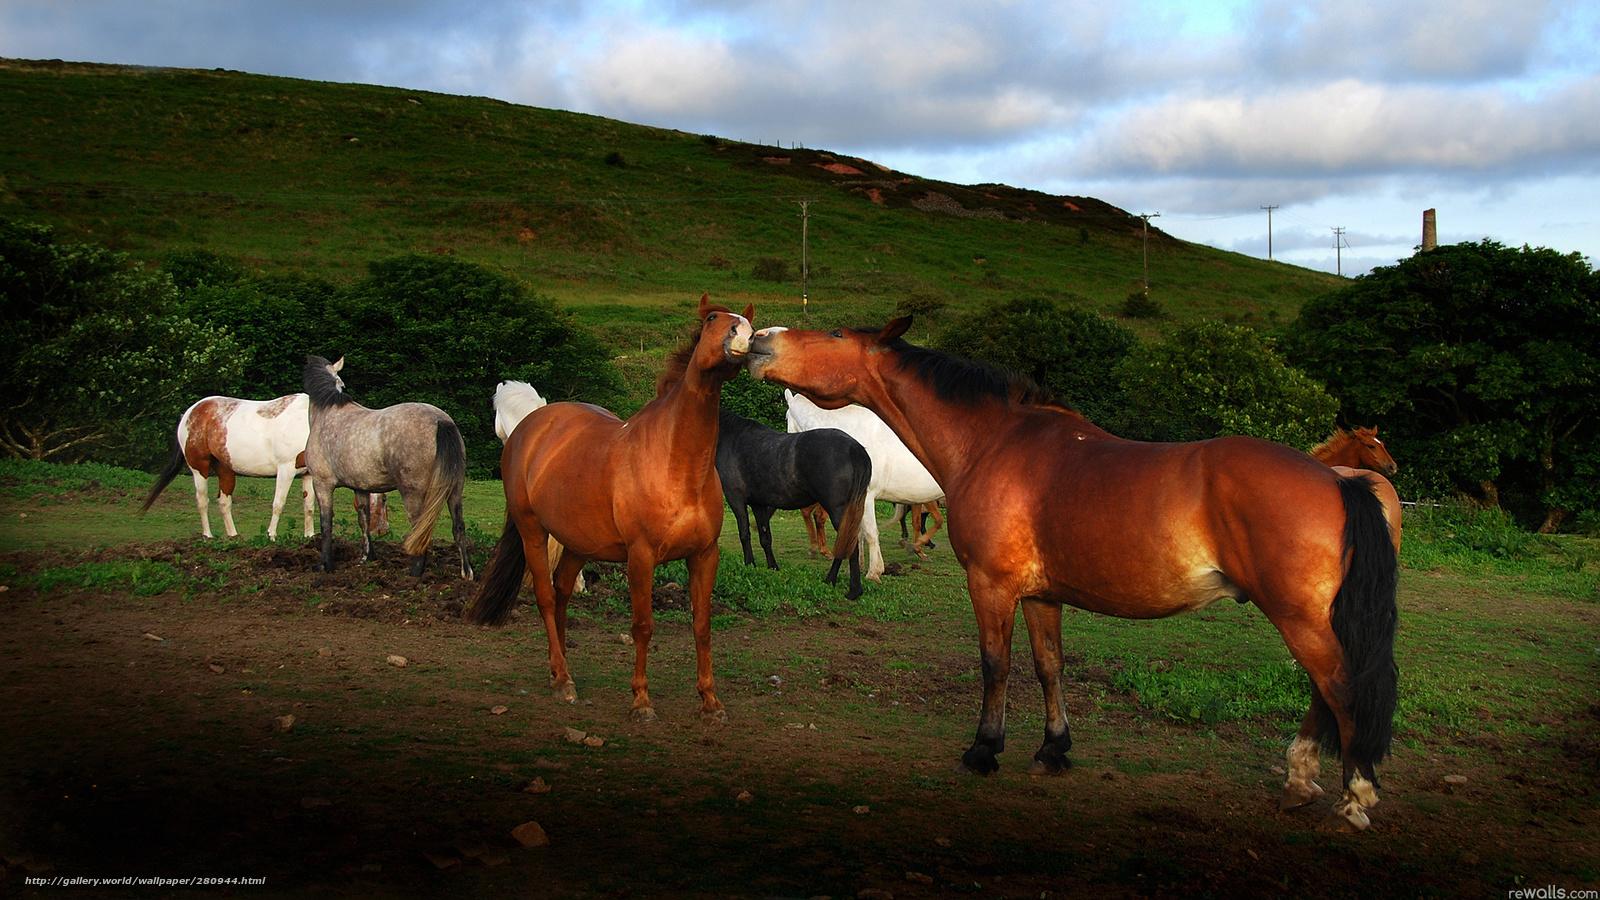 Scaricare gli sfondi cavalli estate natura sfondi gratis for Sfondi cavalli gratis